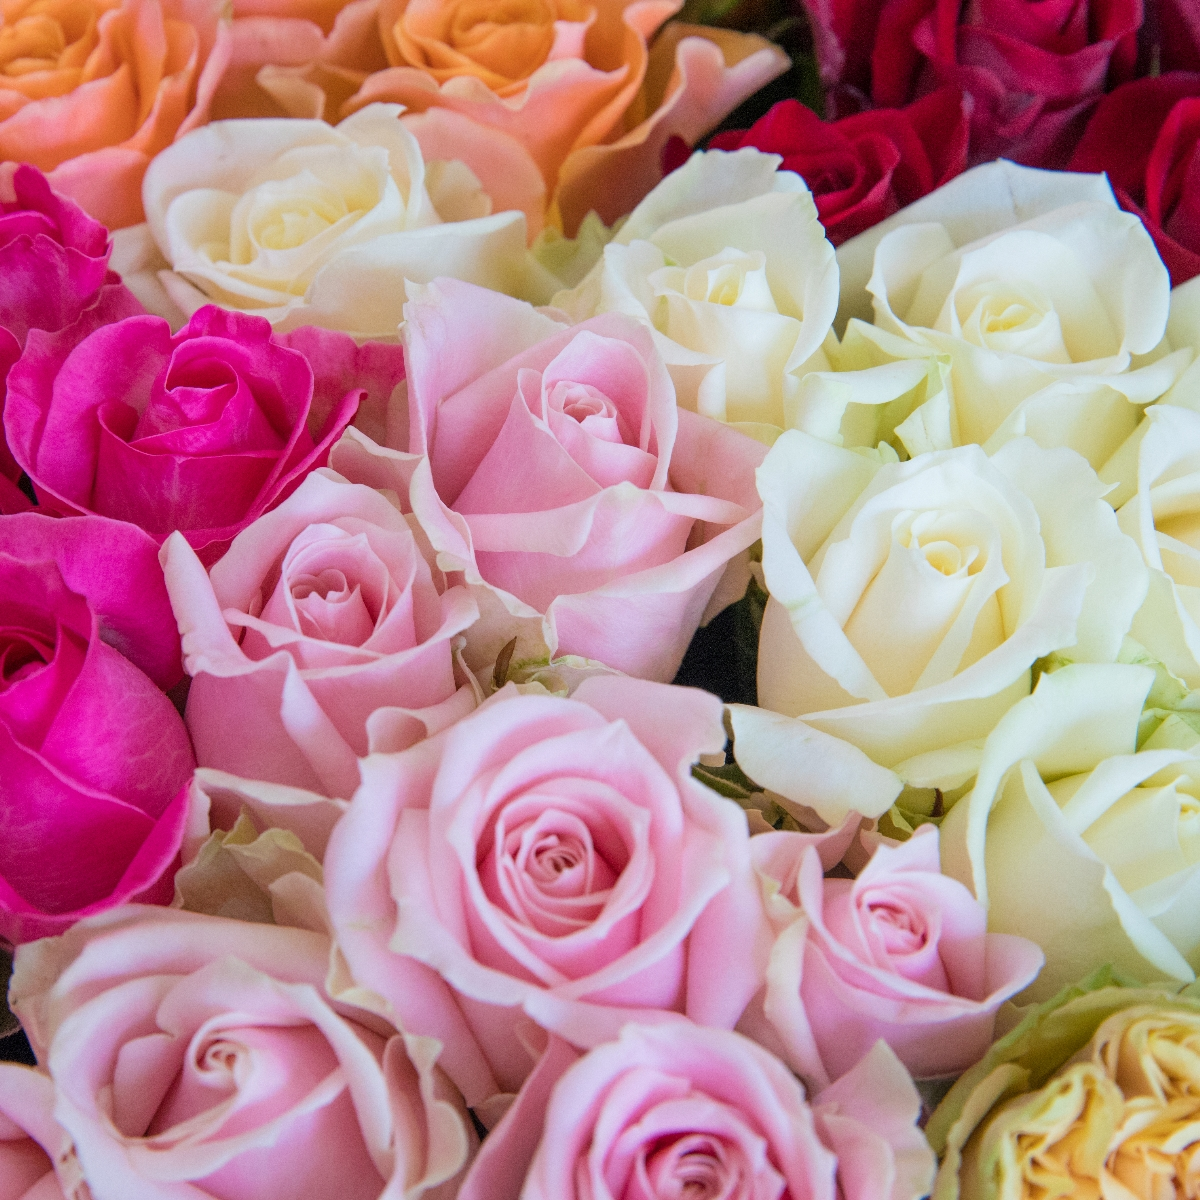 【ふるさと納税】OKM01 日本一に輝いた阿波のバラをお届け! ローズガーデン徳島 阿波バラ20本